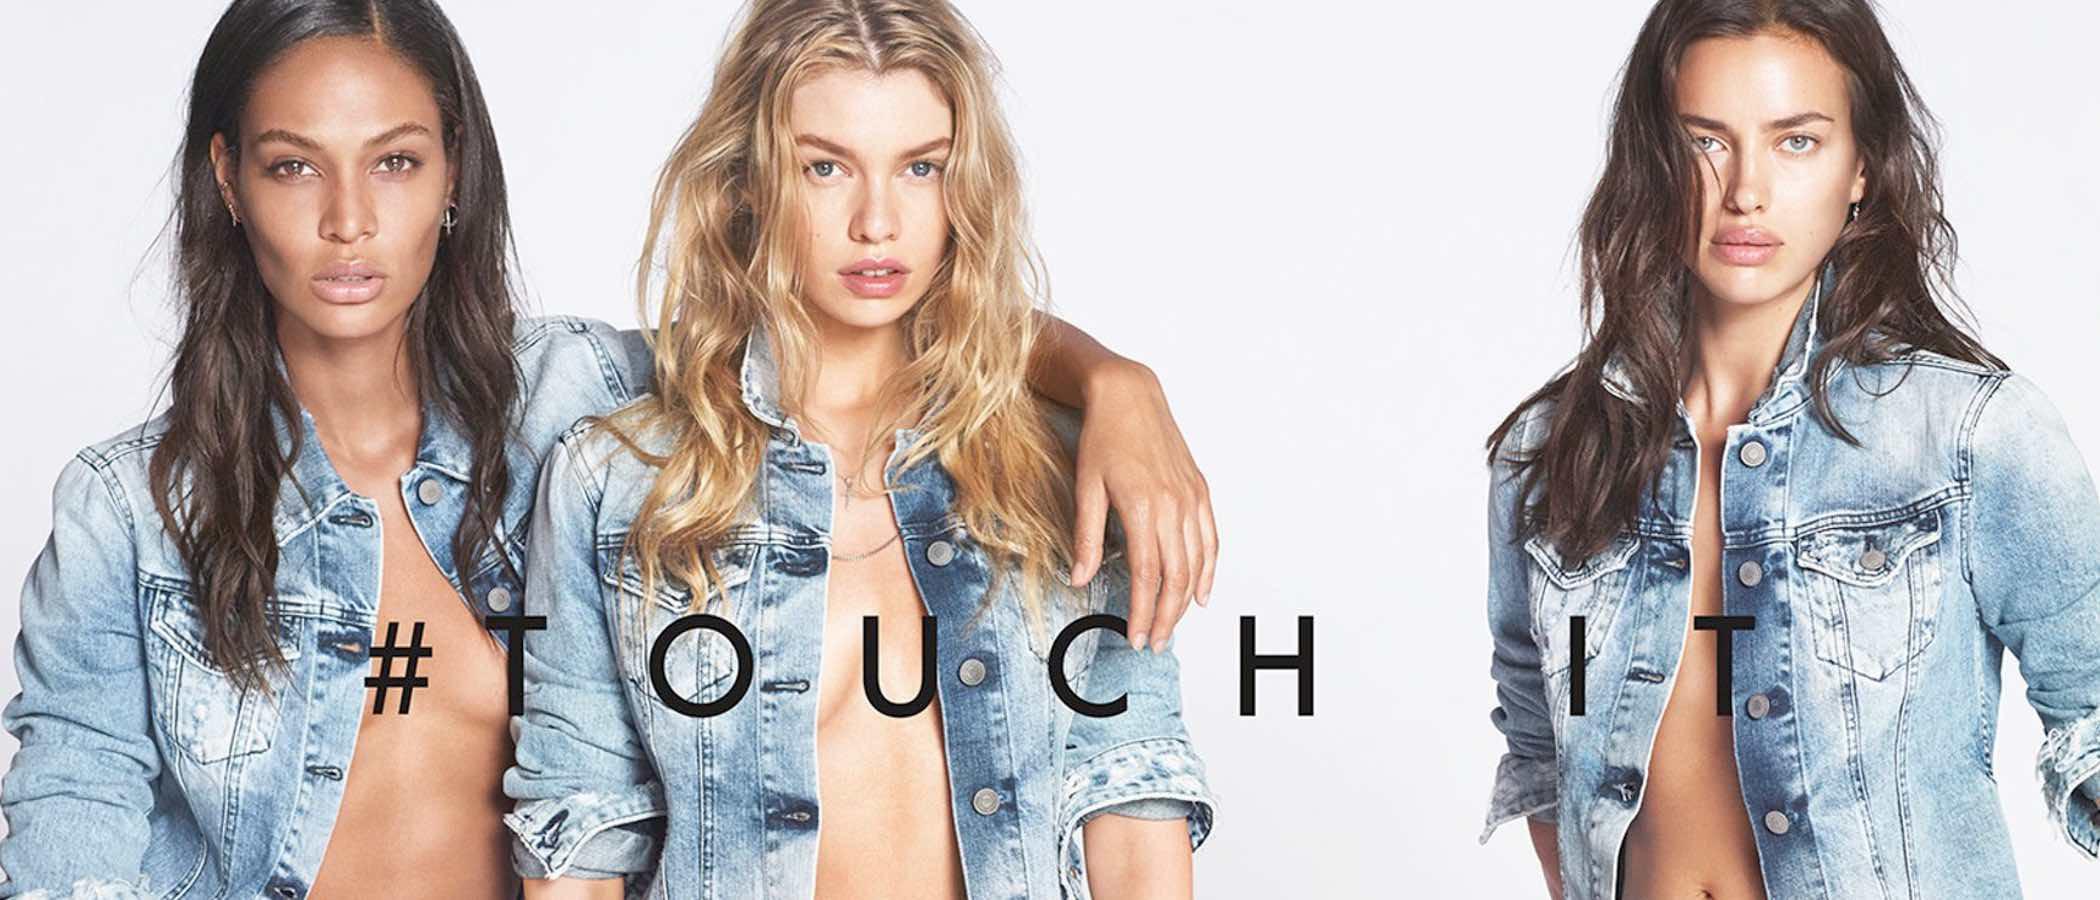 Replay presenta su nuevo vaquero femenino 'Touch' con Irina Shayk y Joan Smalls